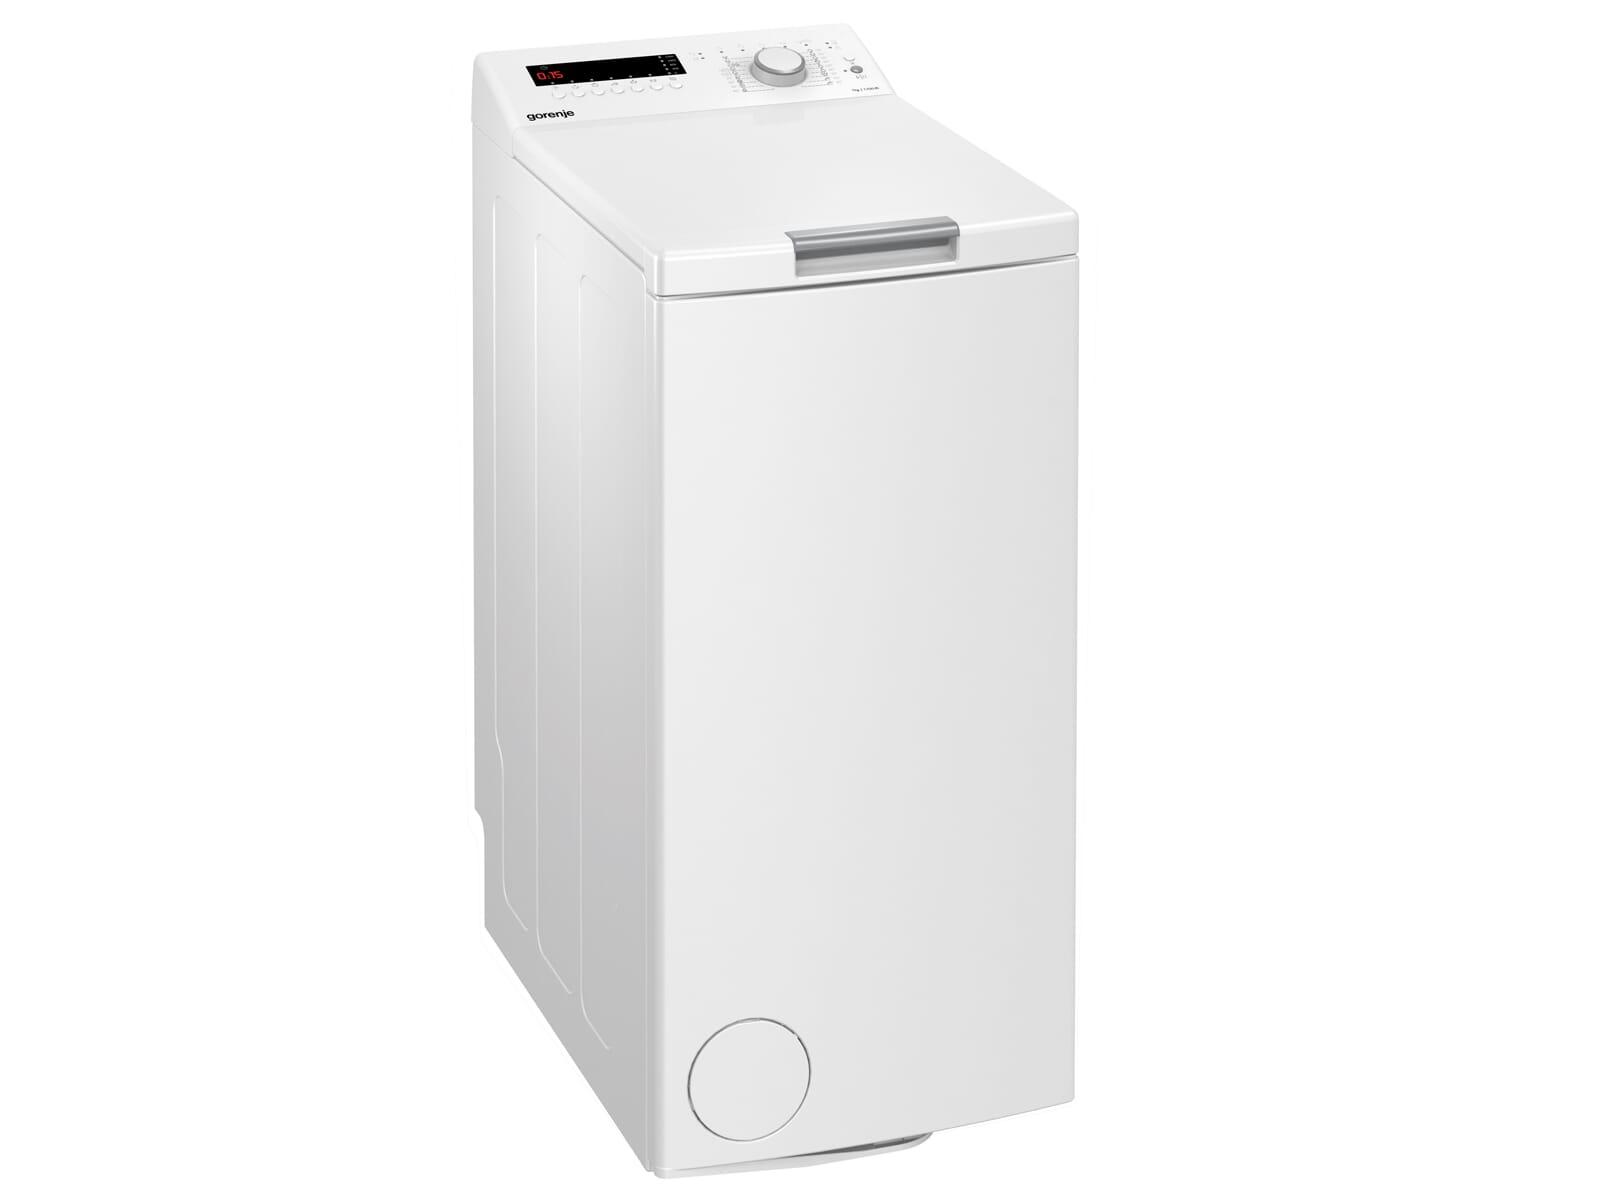 Gorenje WT72122 Waschmaschine Weiß